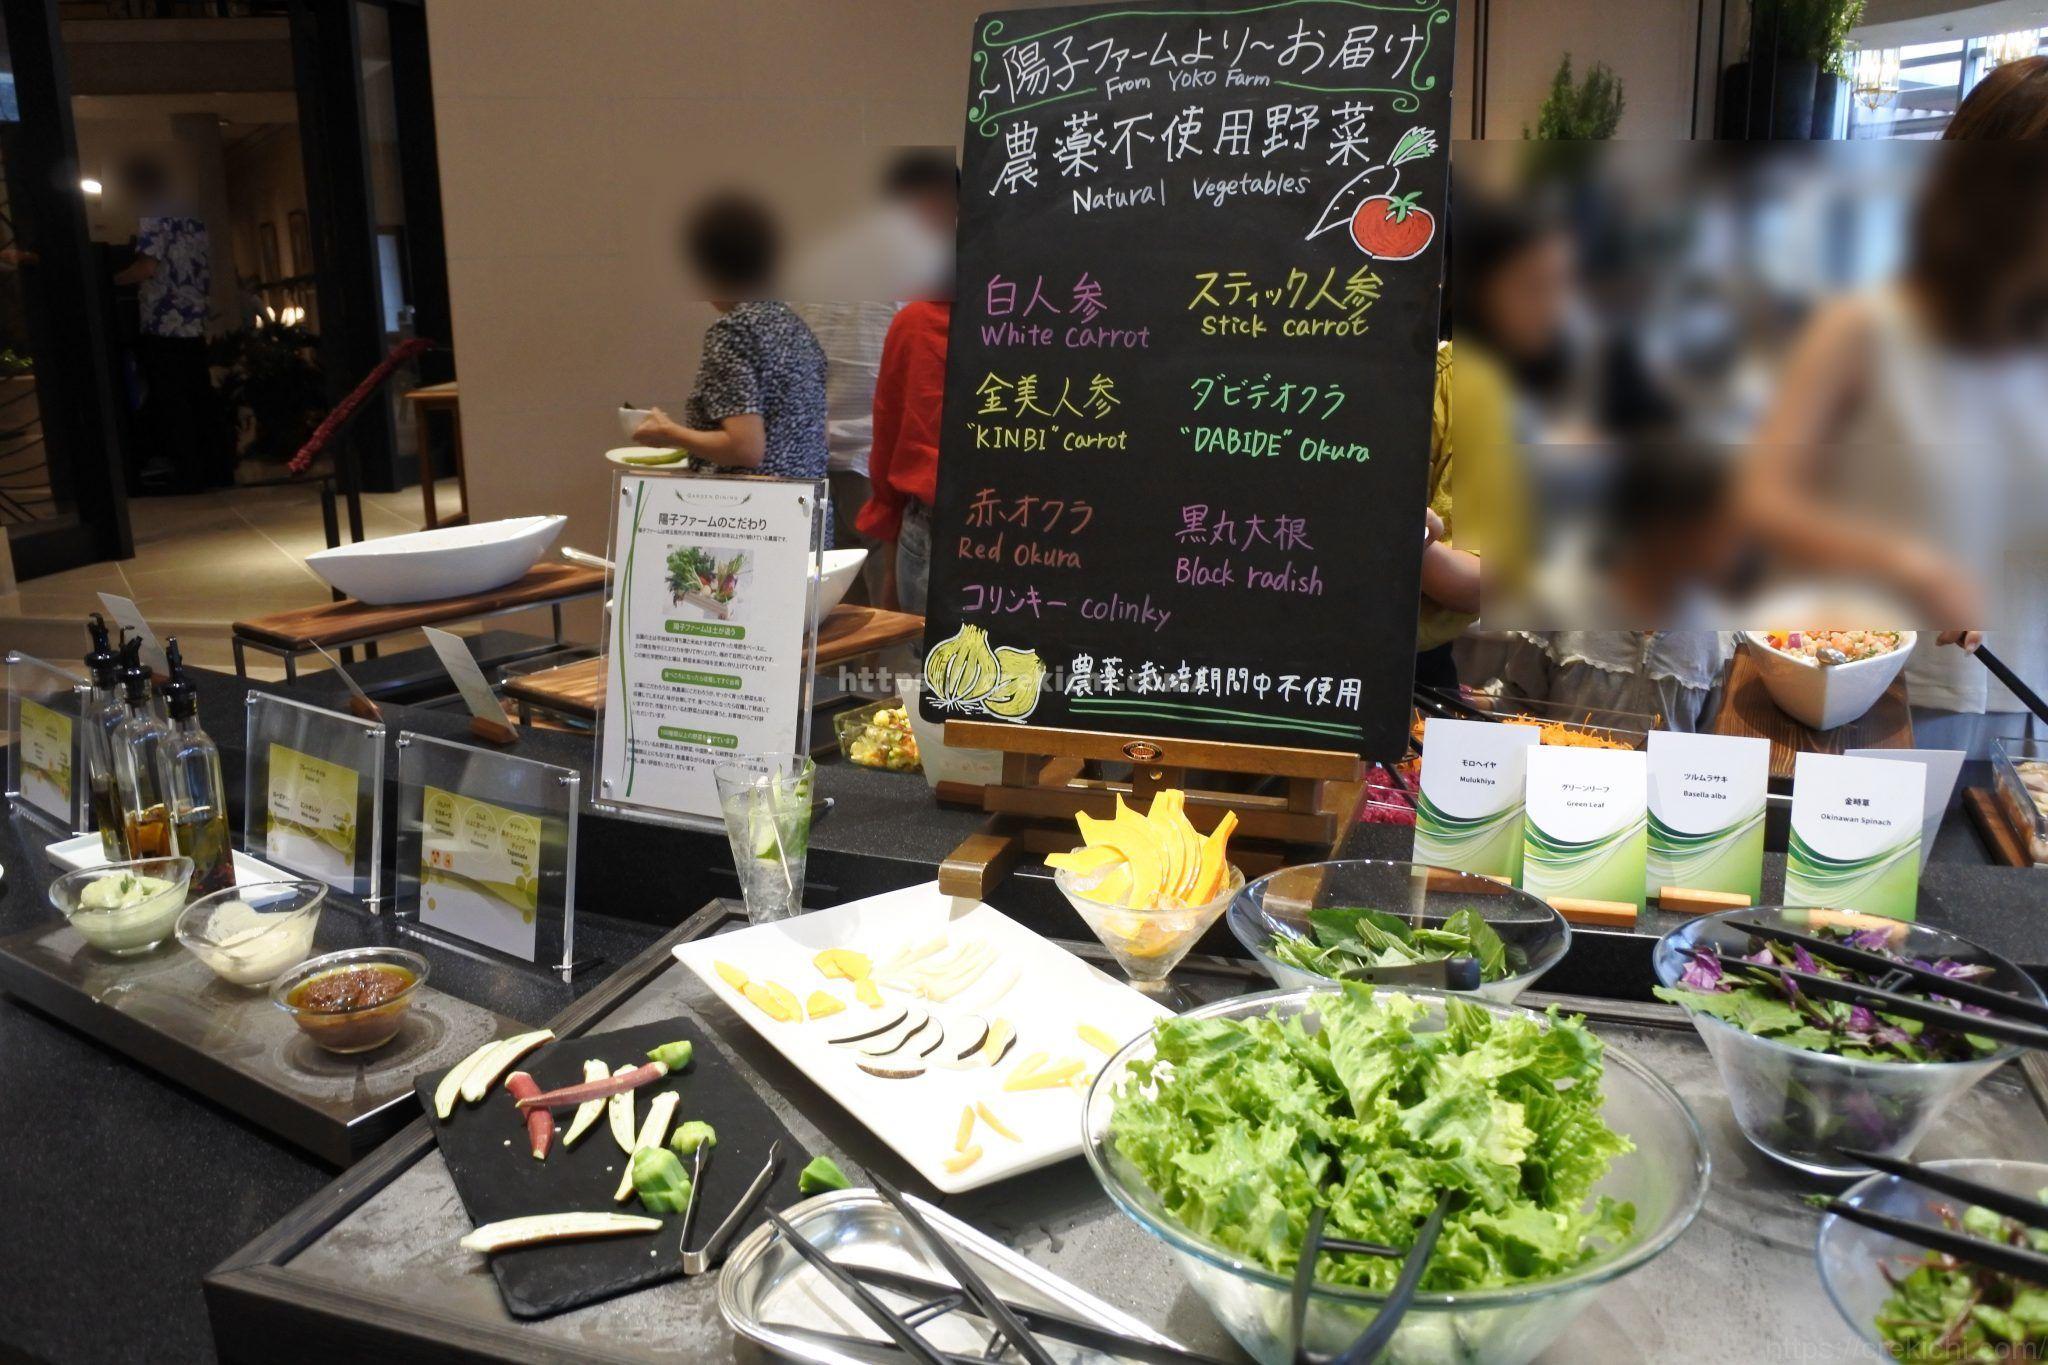 陽子ファームの無農薬野菜